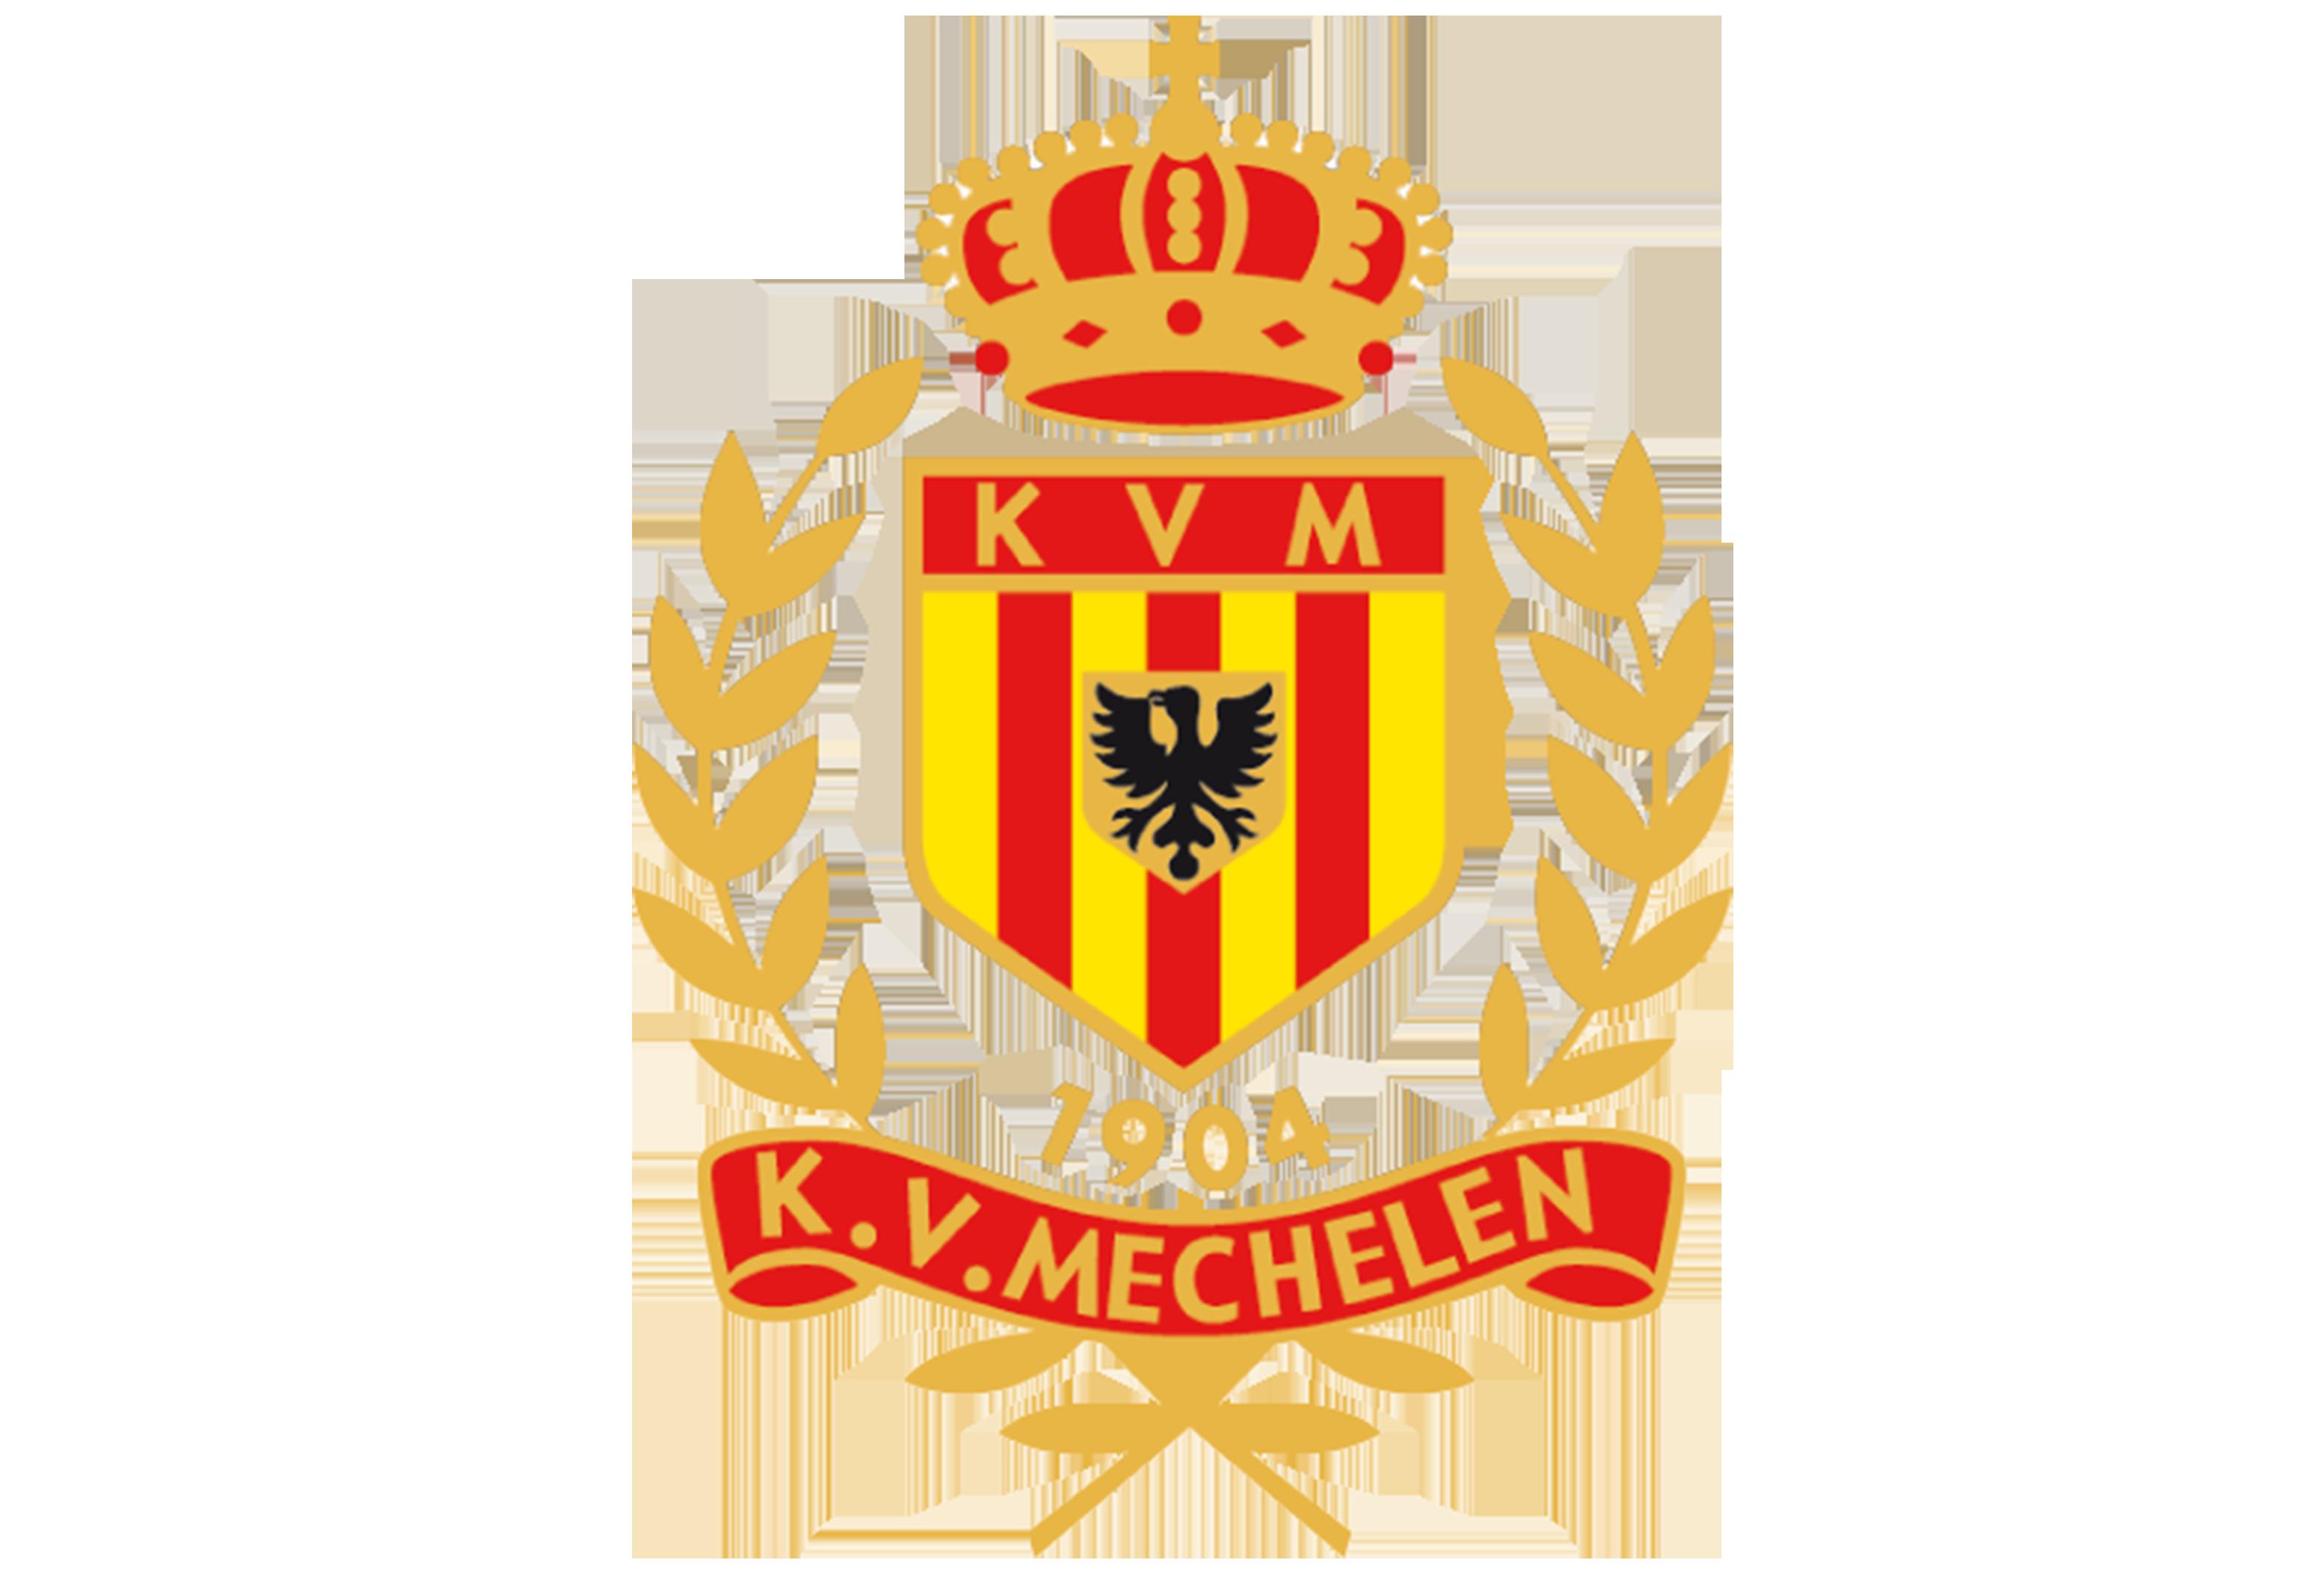 kv-mechelen